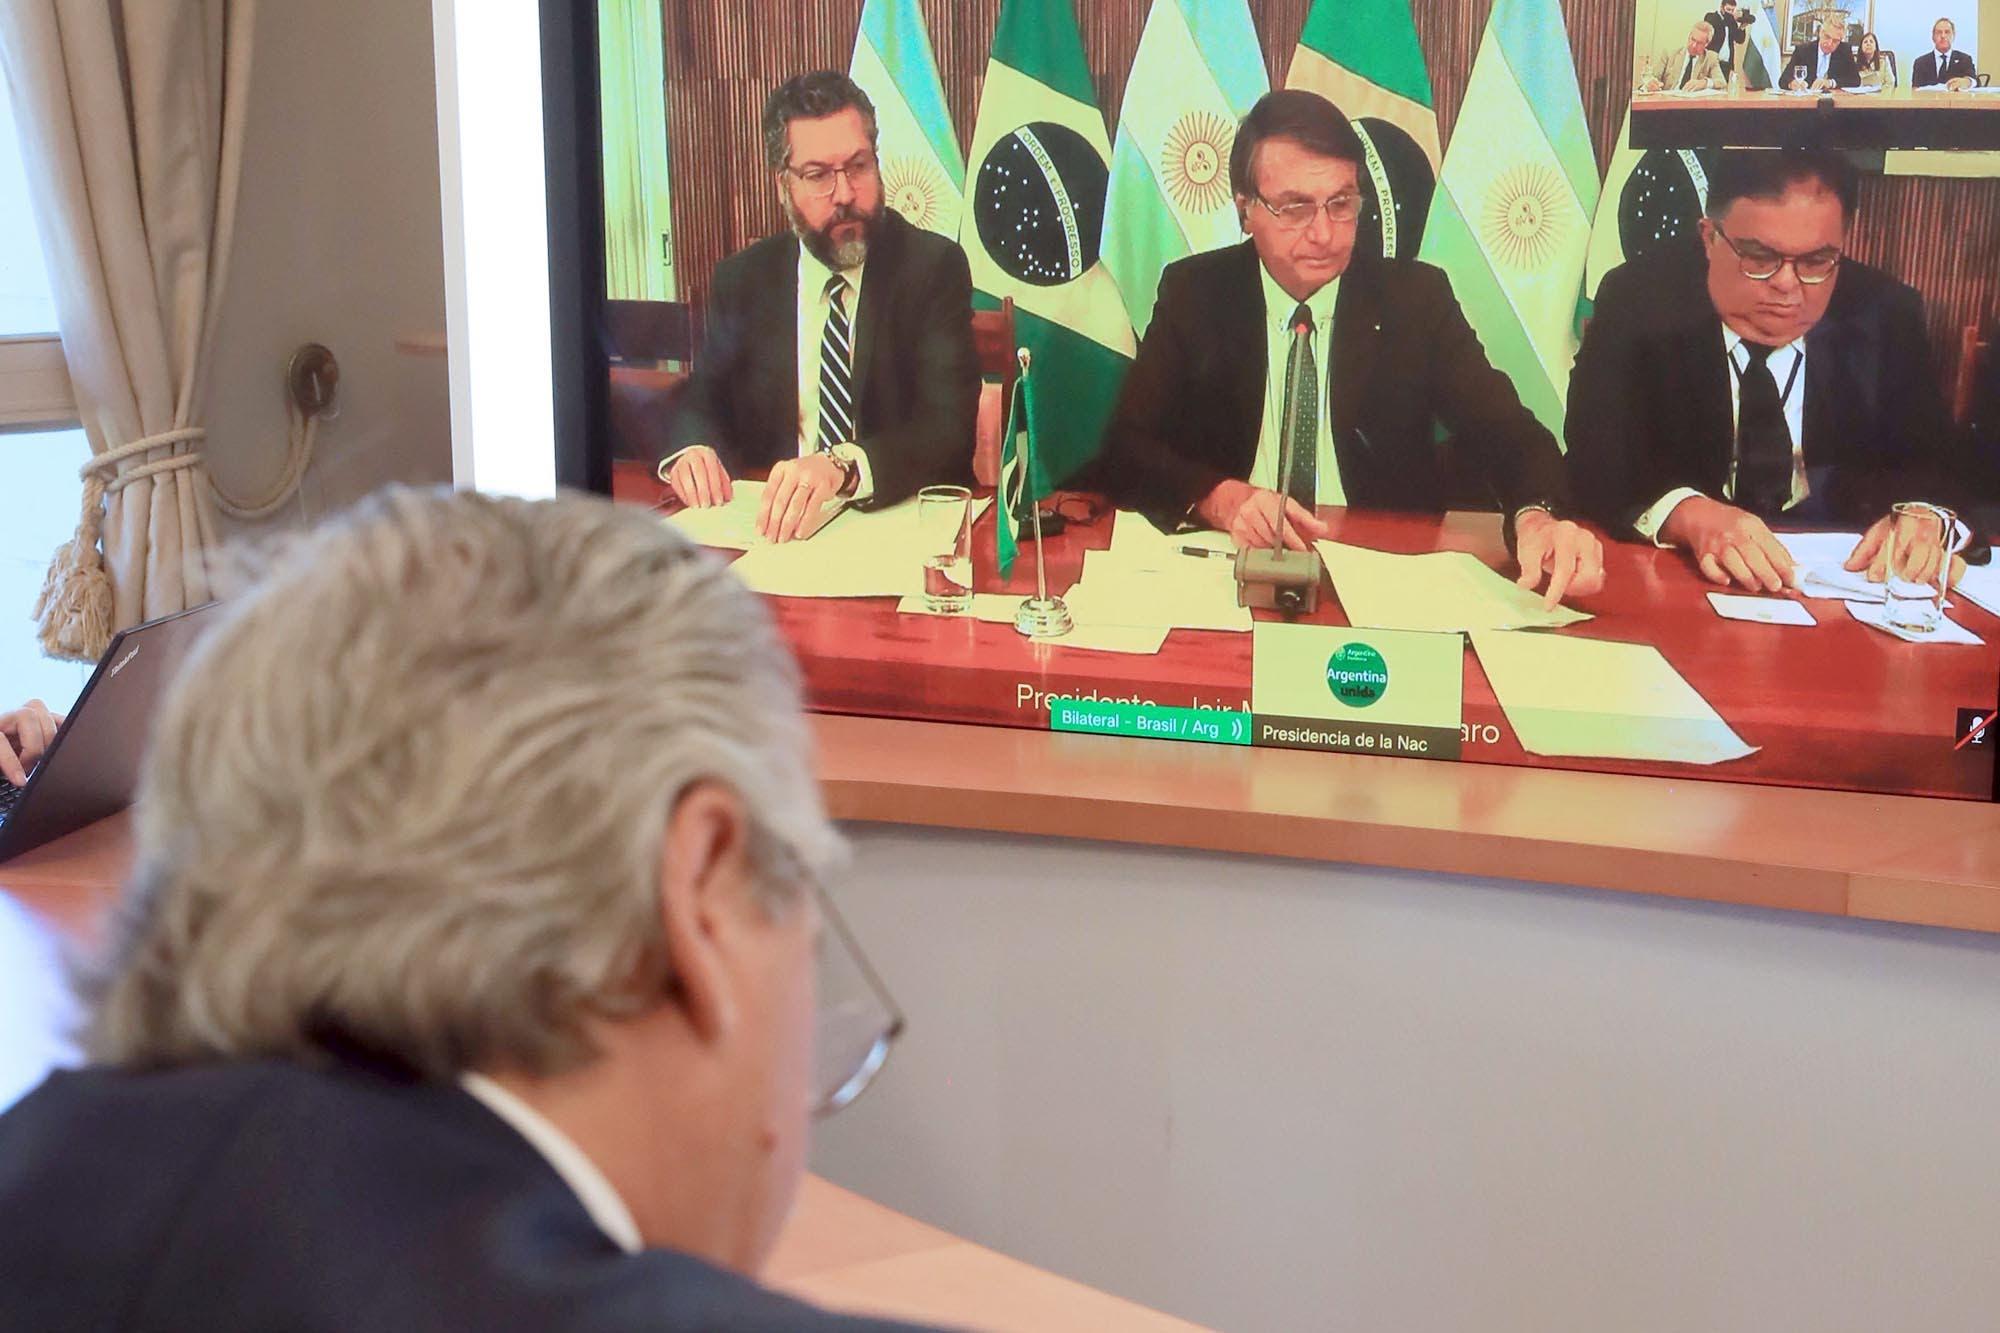 Las razones que ayudan a la reconstrucción del vínculo con Bolsonaro